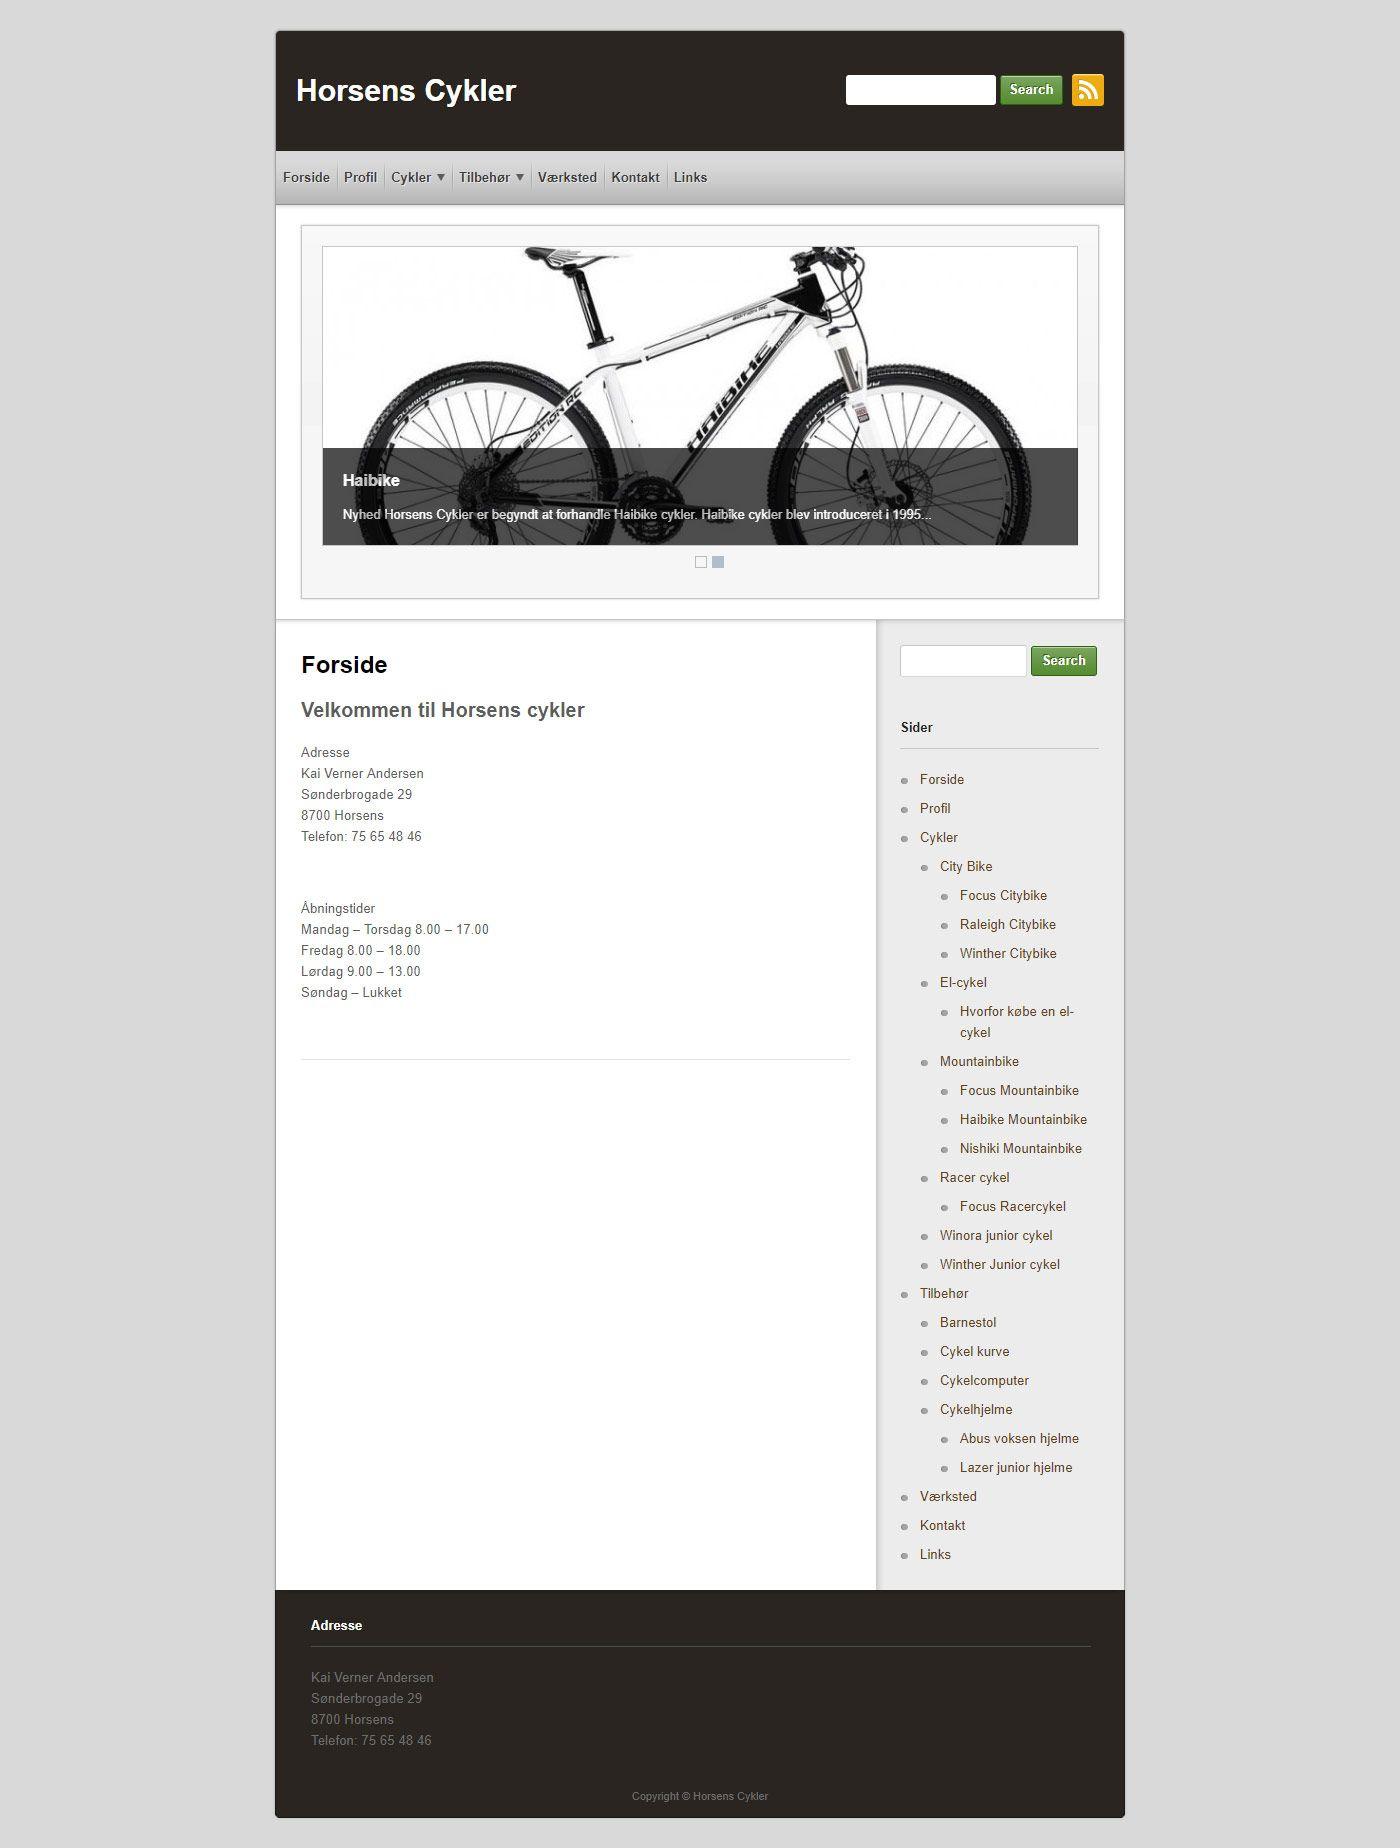 Before-Horsens Cykler